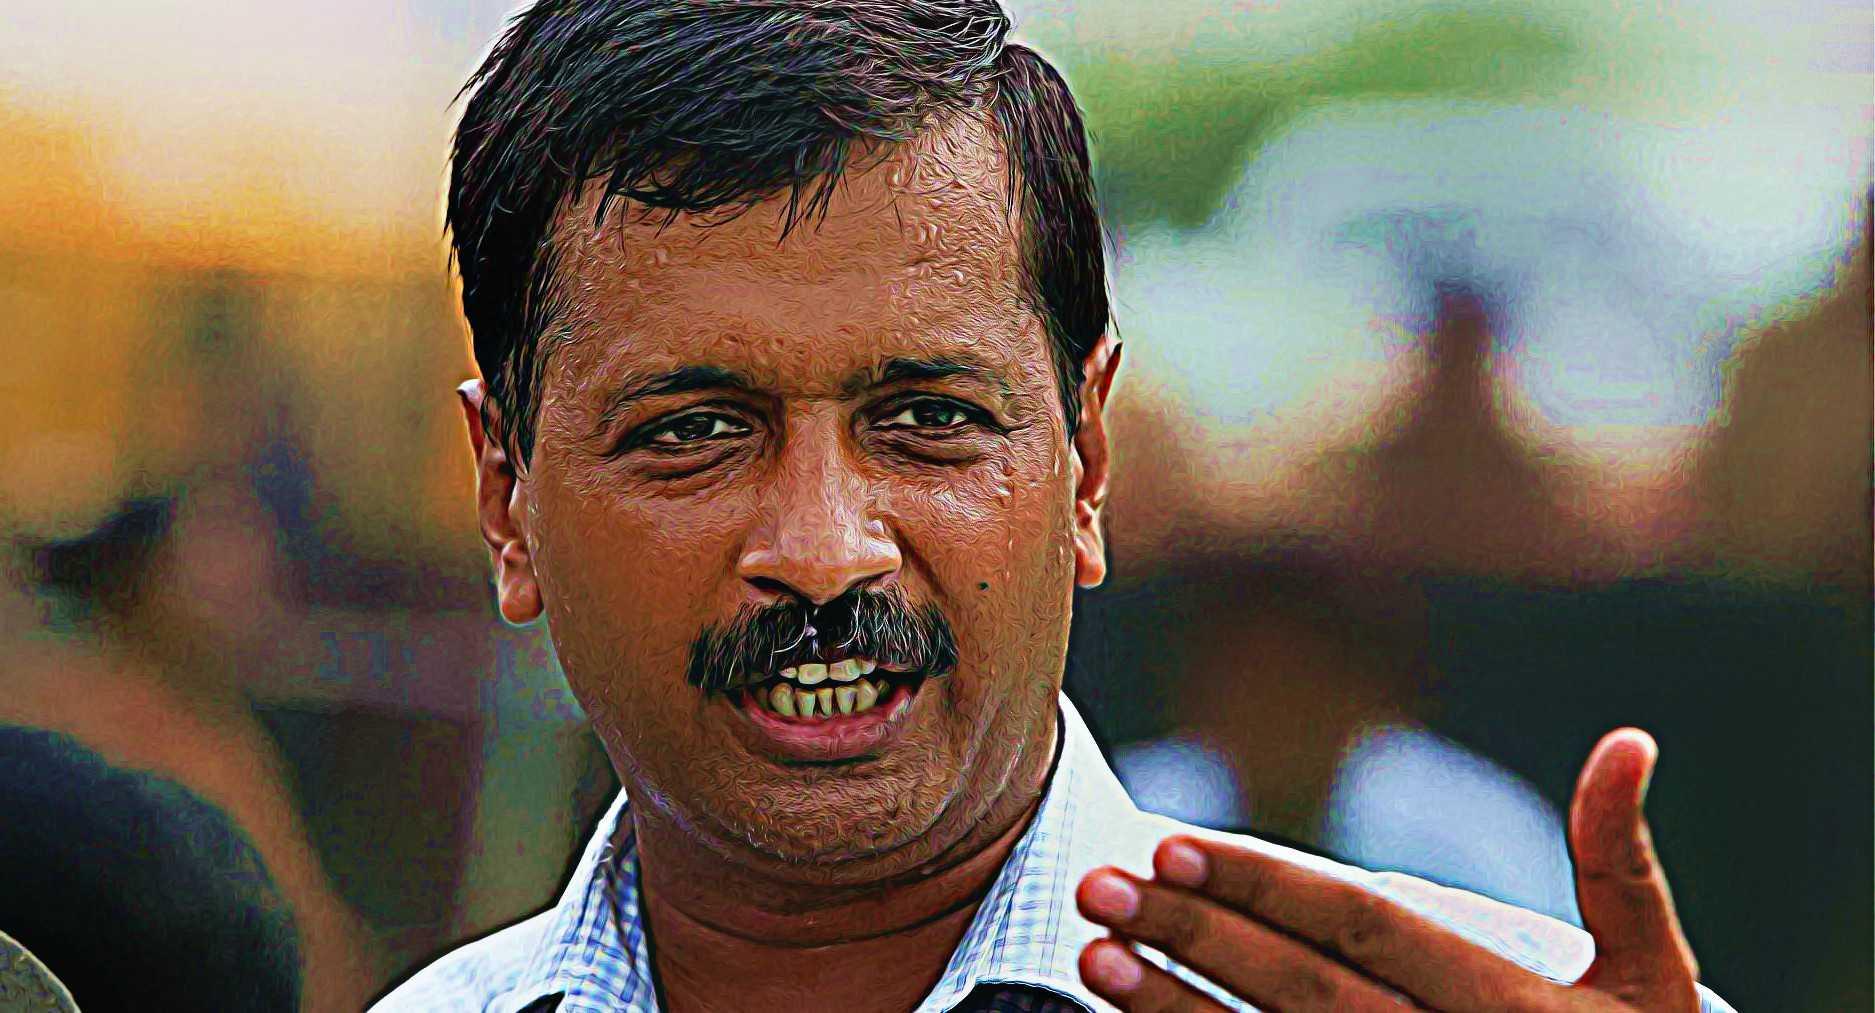 aravind kejrival Delhi chief minister arvind kejriwal's wife, sunita kejriwal on monday slammed  suspended aap leader kapil mishra saying that he would face.